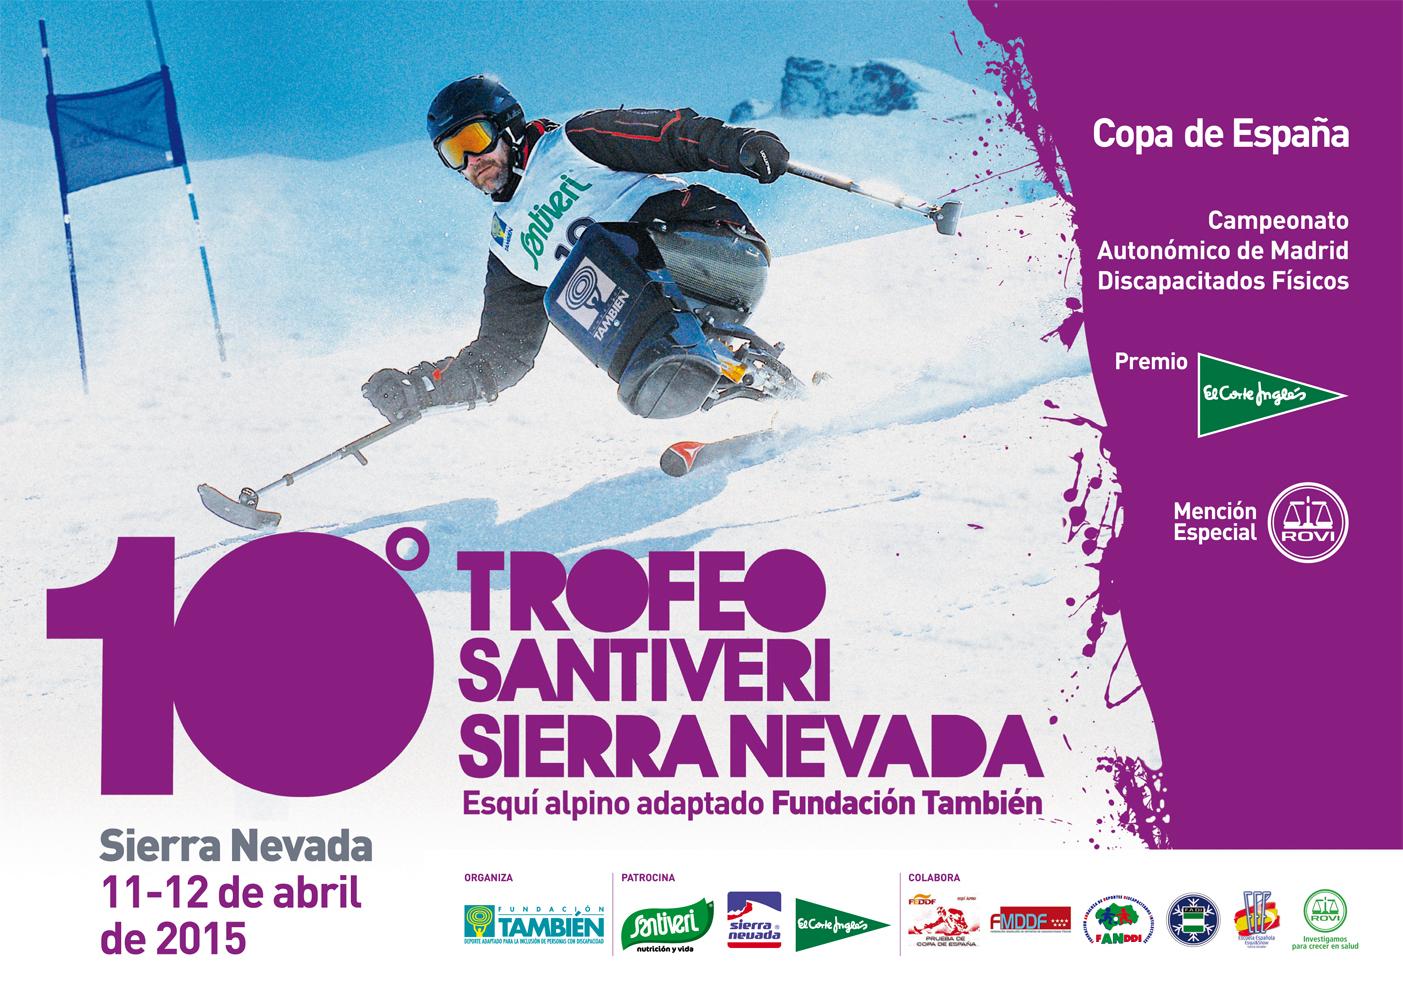 La 10ª edición del Trofeo Santiveri Sierra Nevada reunirá en la misma prueba a deportistas con discapacidad física, intelectual y sensorial